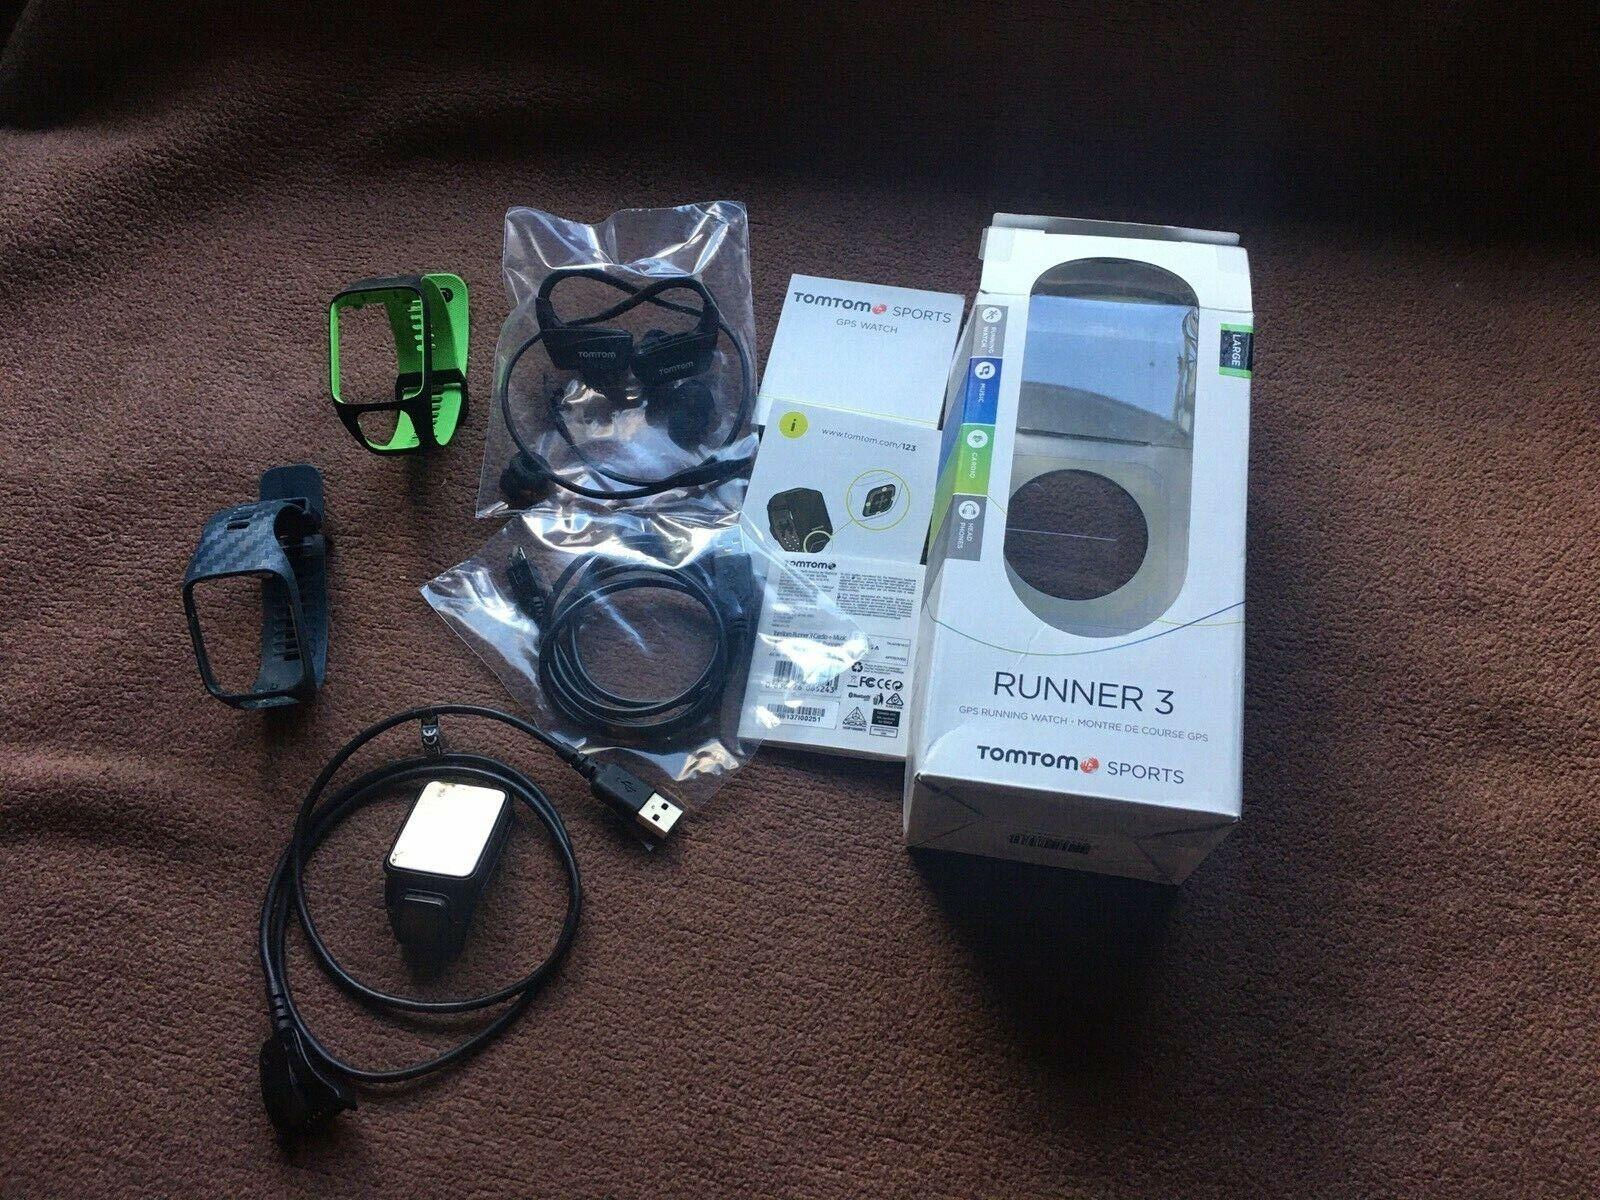 TomTom Runner 3 Cardio, Musik, Herz, Puls, GPS, Sportuhr viele Funktionen 269€